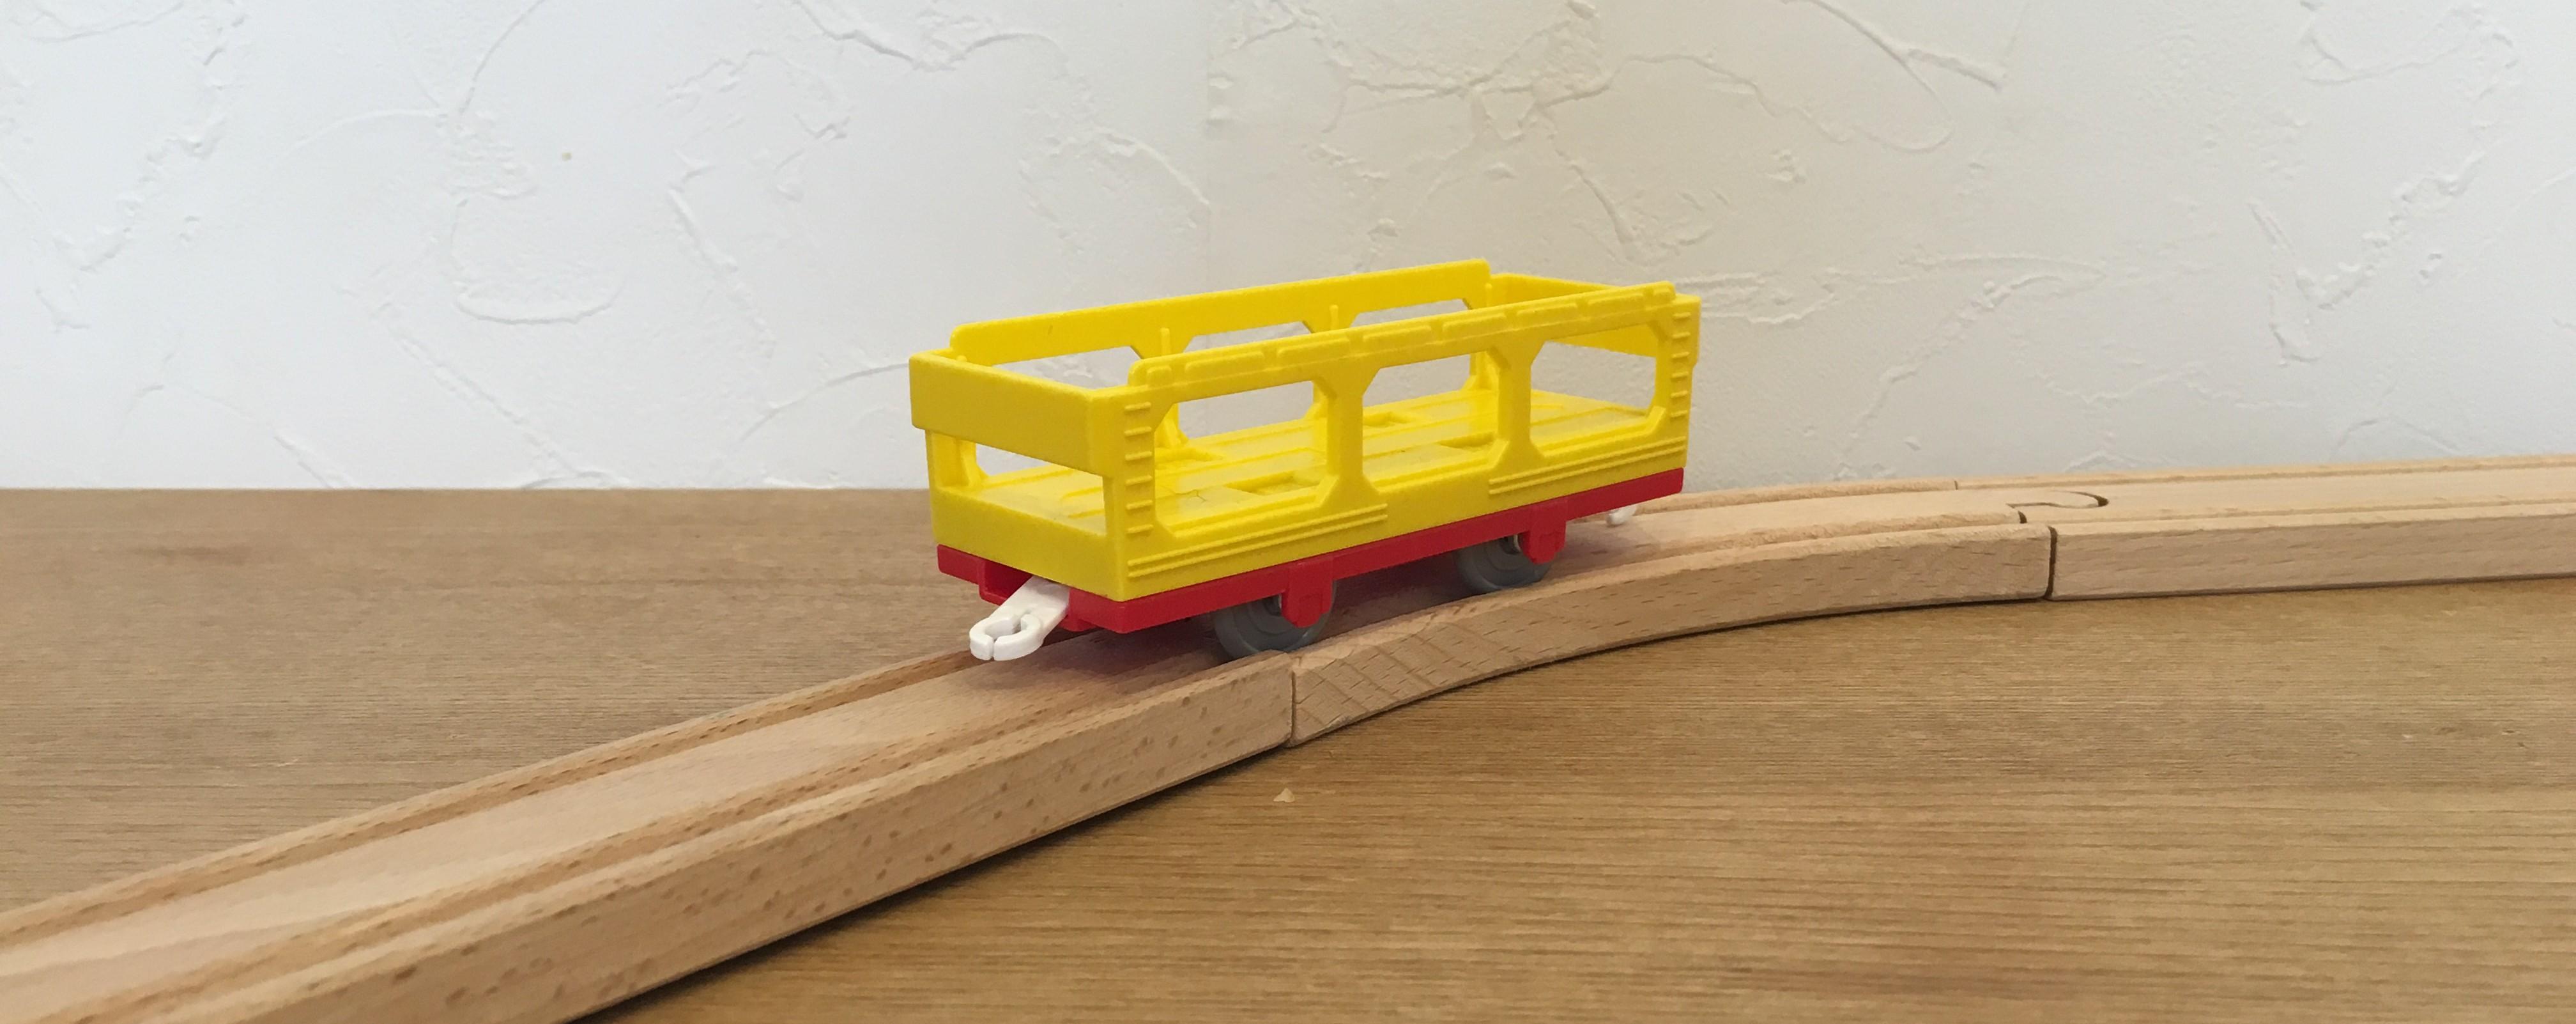 プラレール トミカ搭載貨車